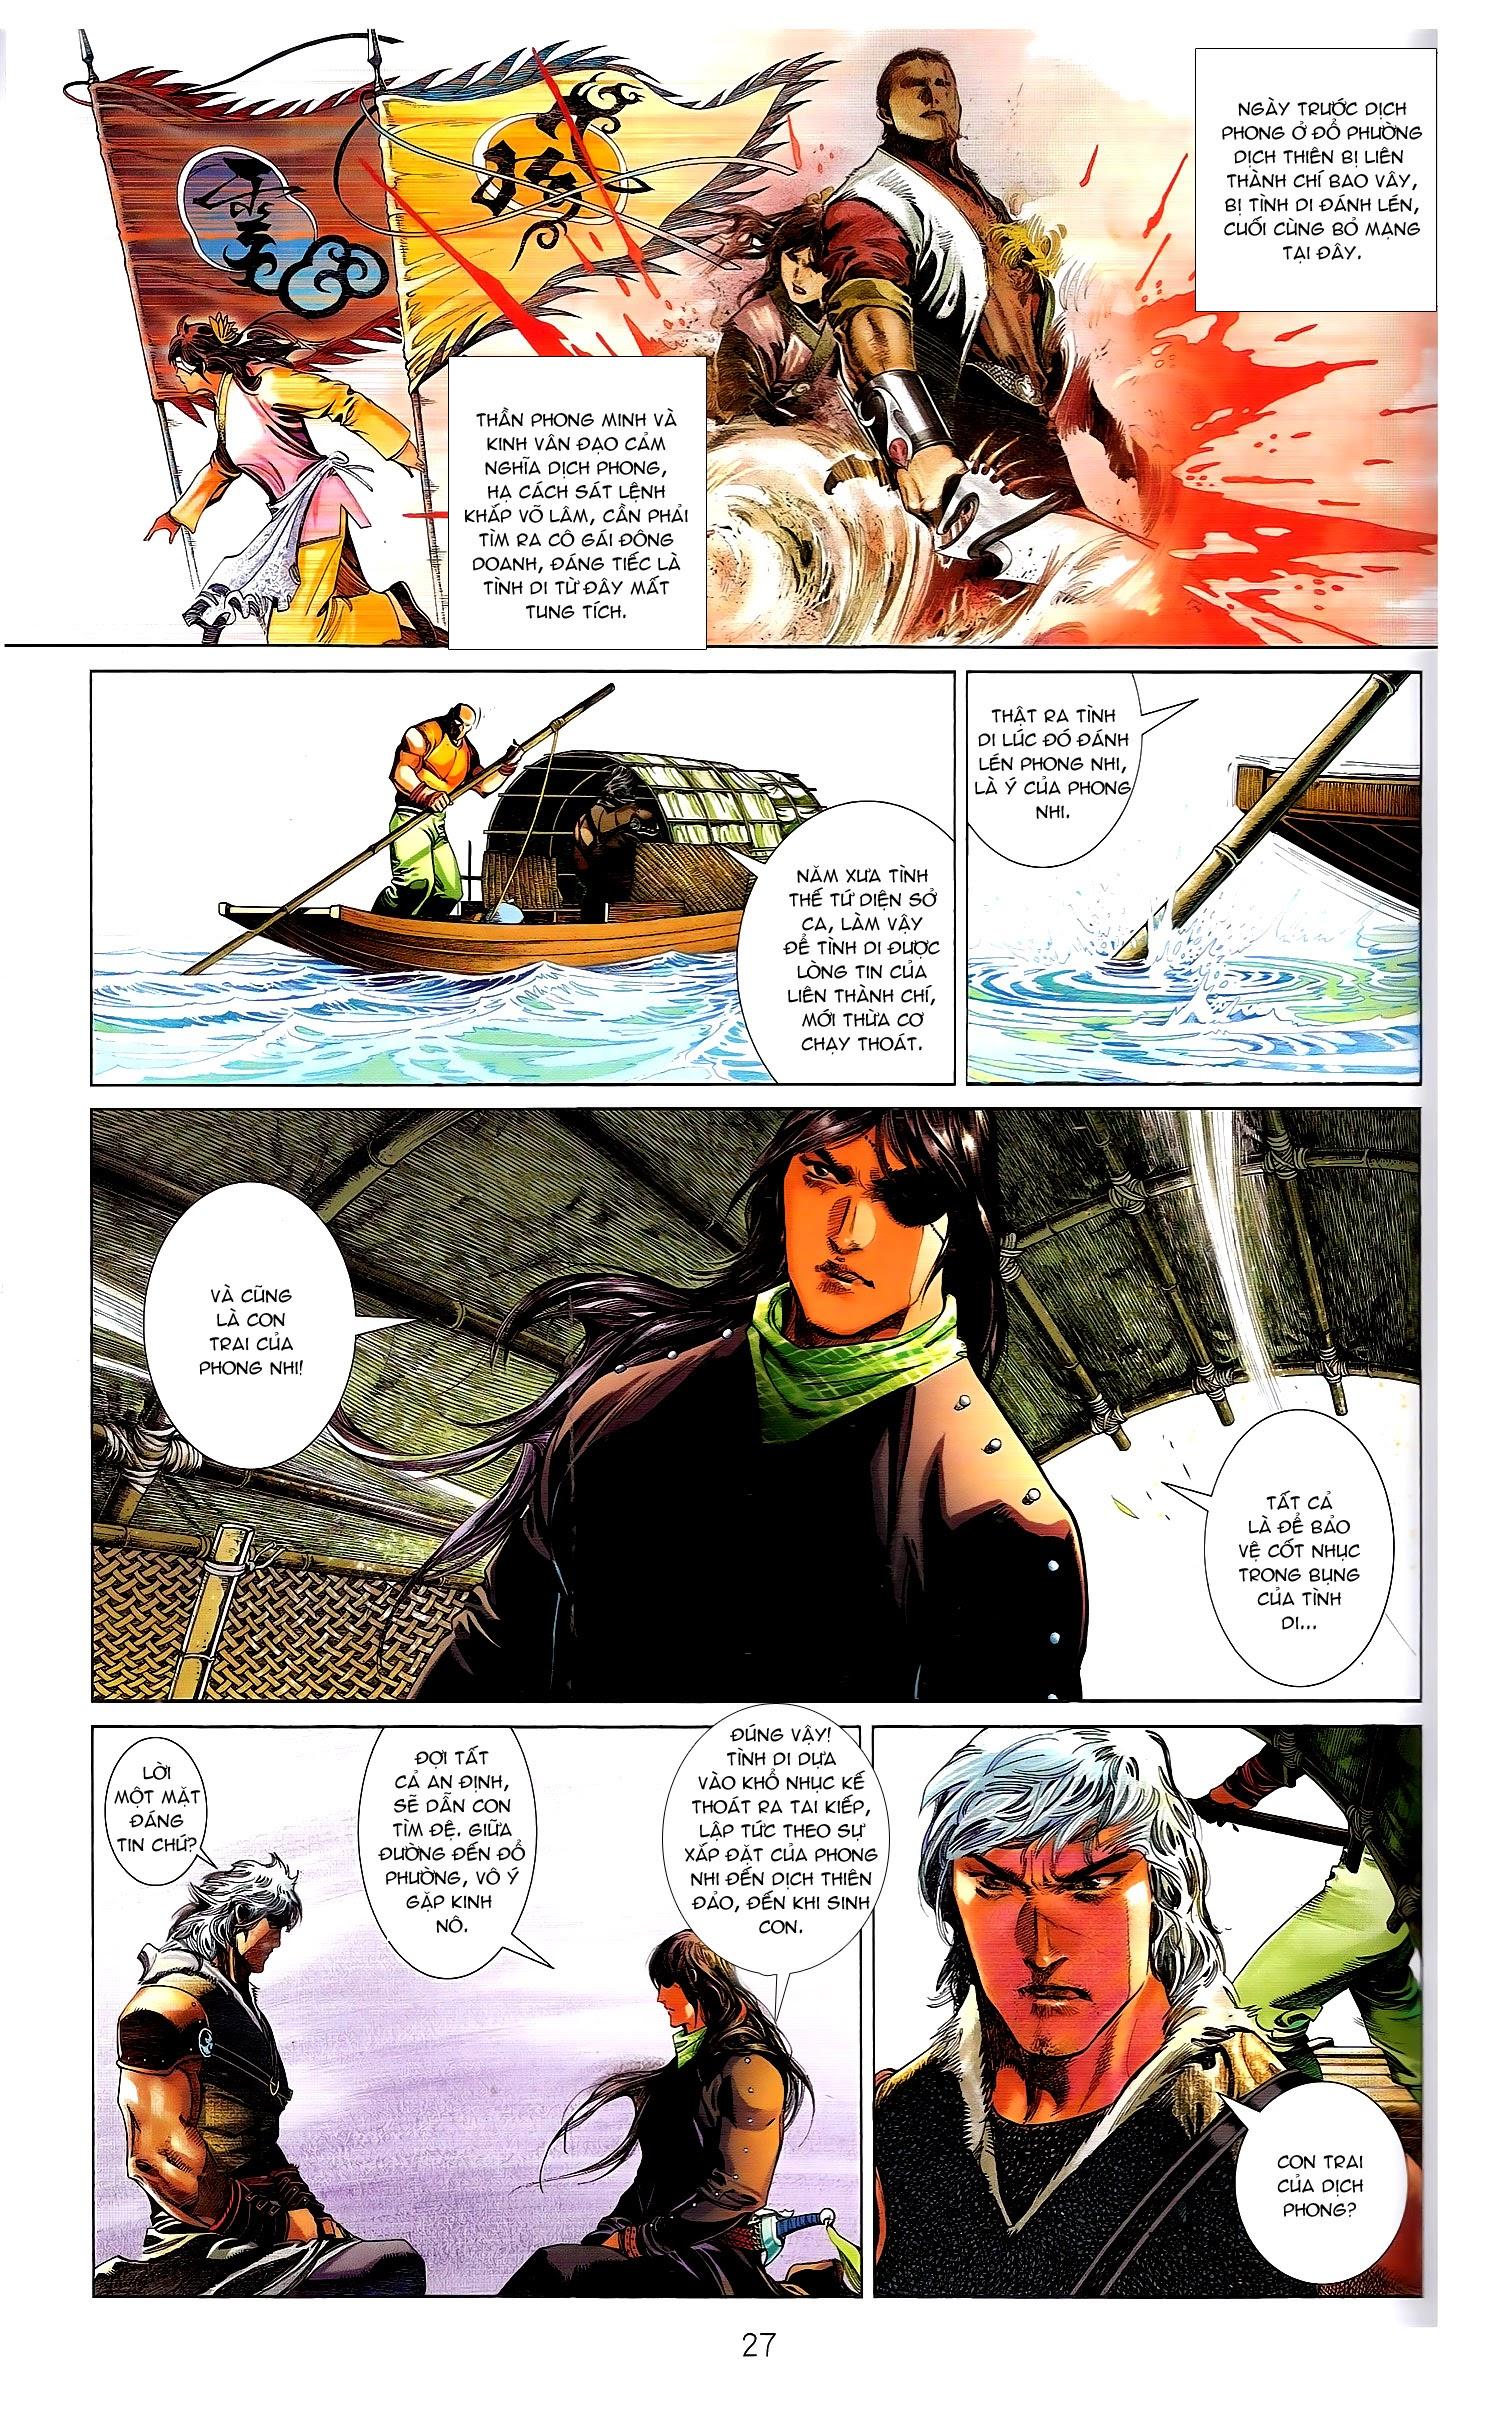 Phong Vân chap 671.1 - Trang 27